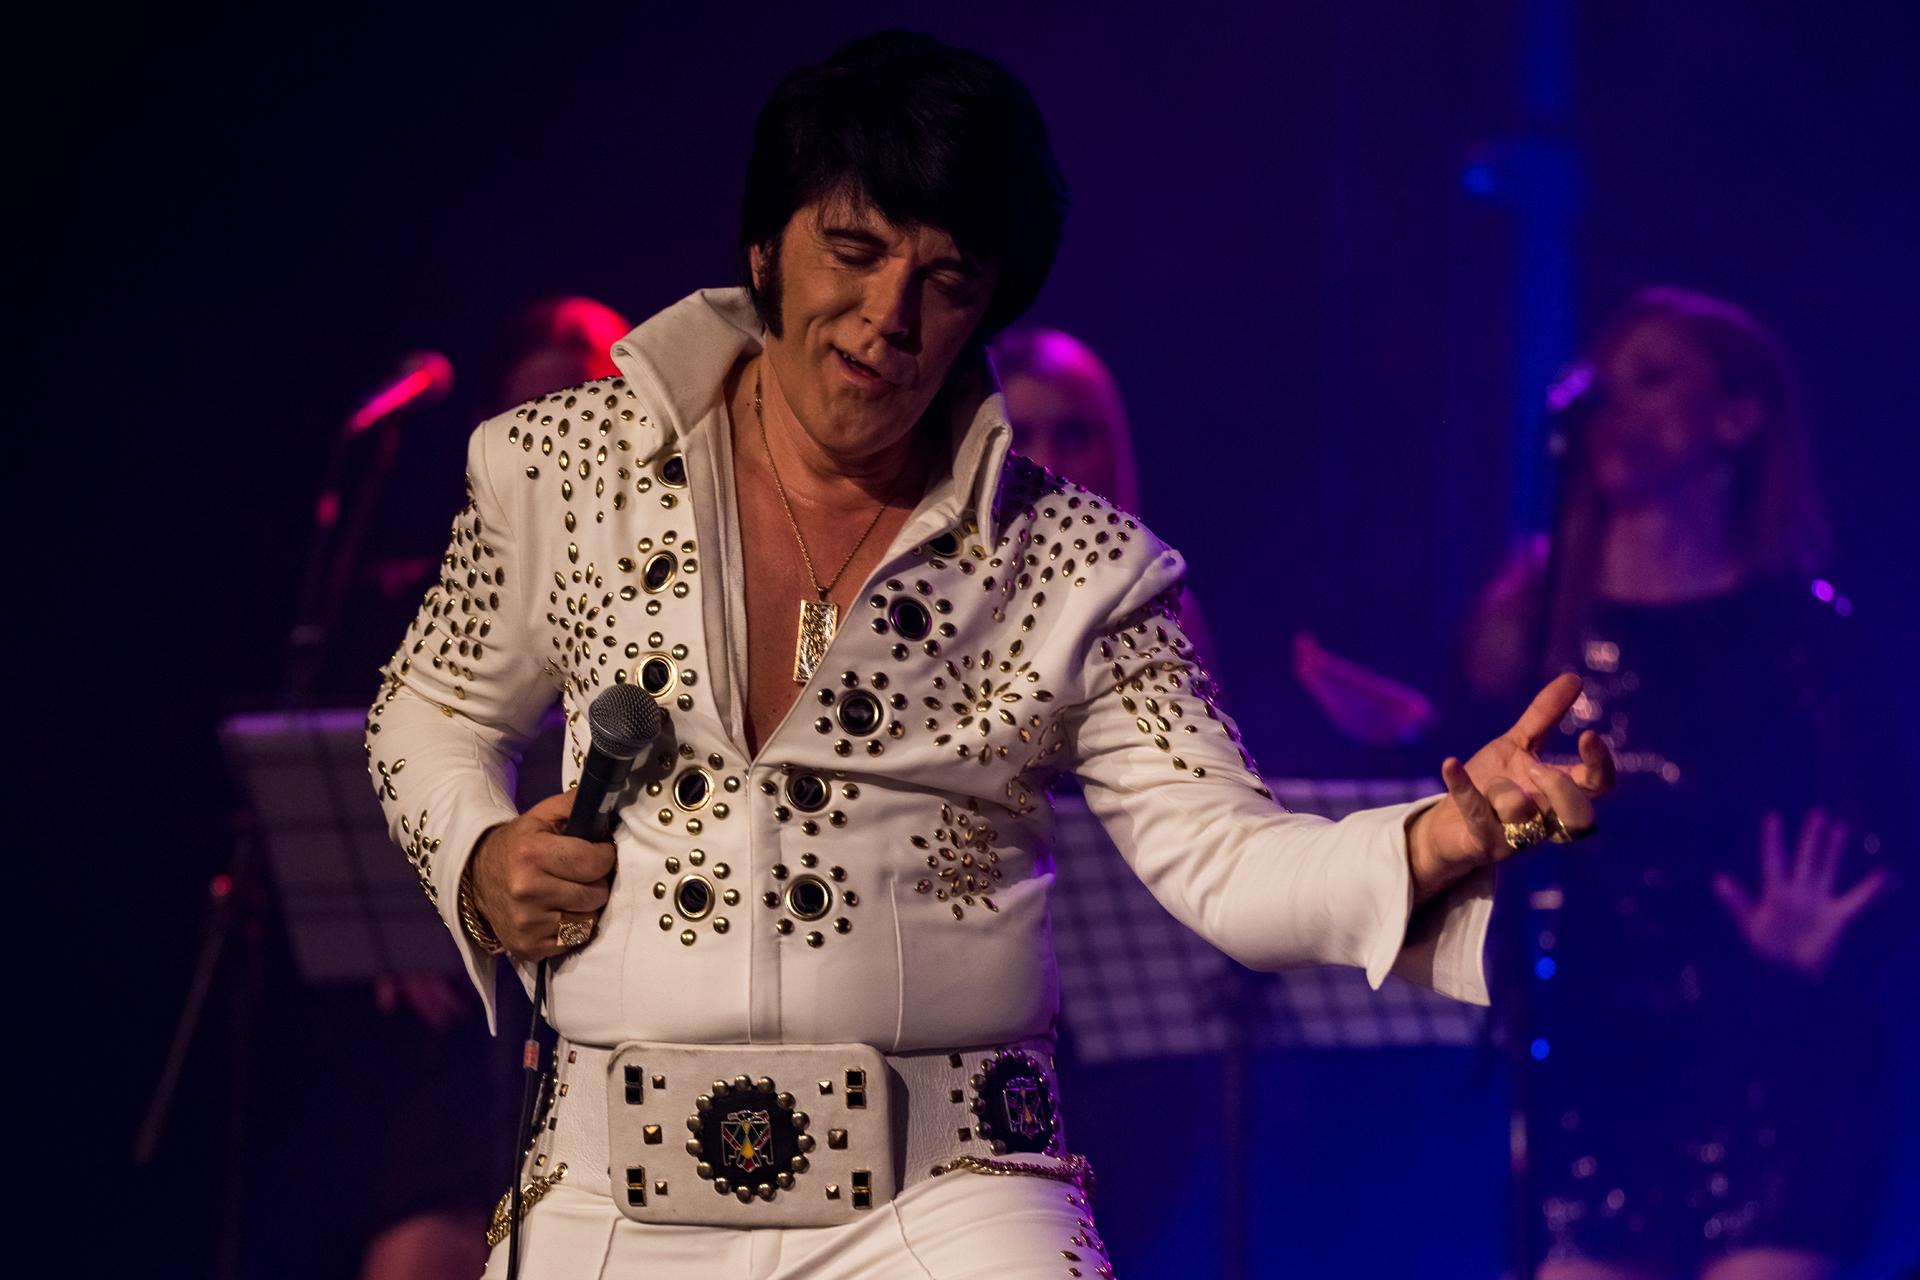 2020_01_14-we4show-Elvis-©-Luca-Vantusso-213814-GFXS2240